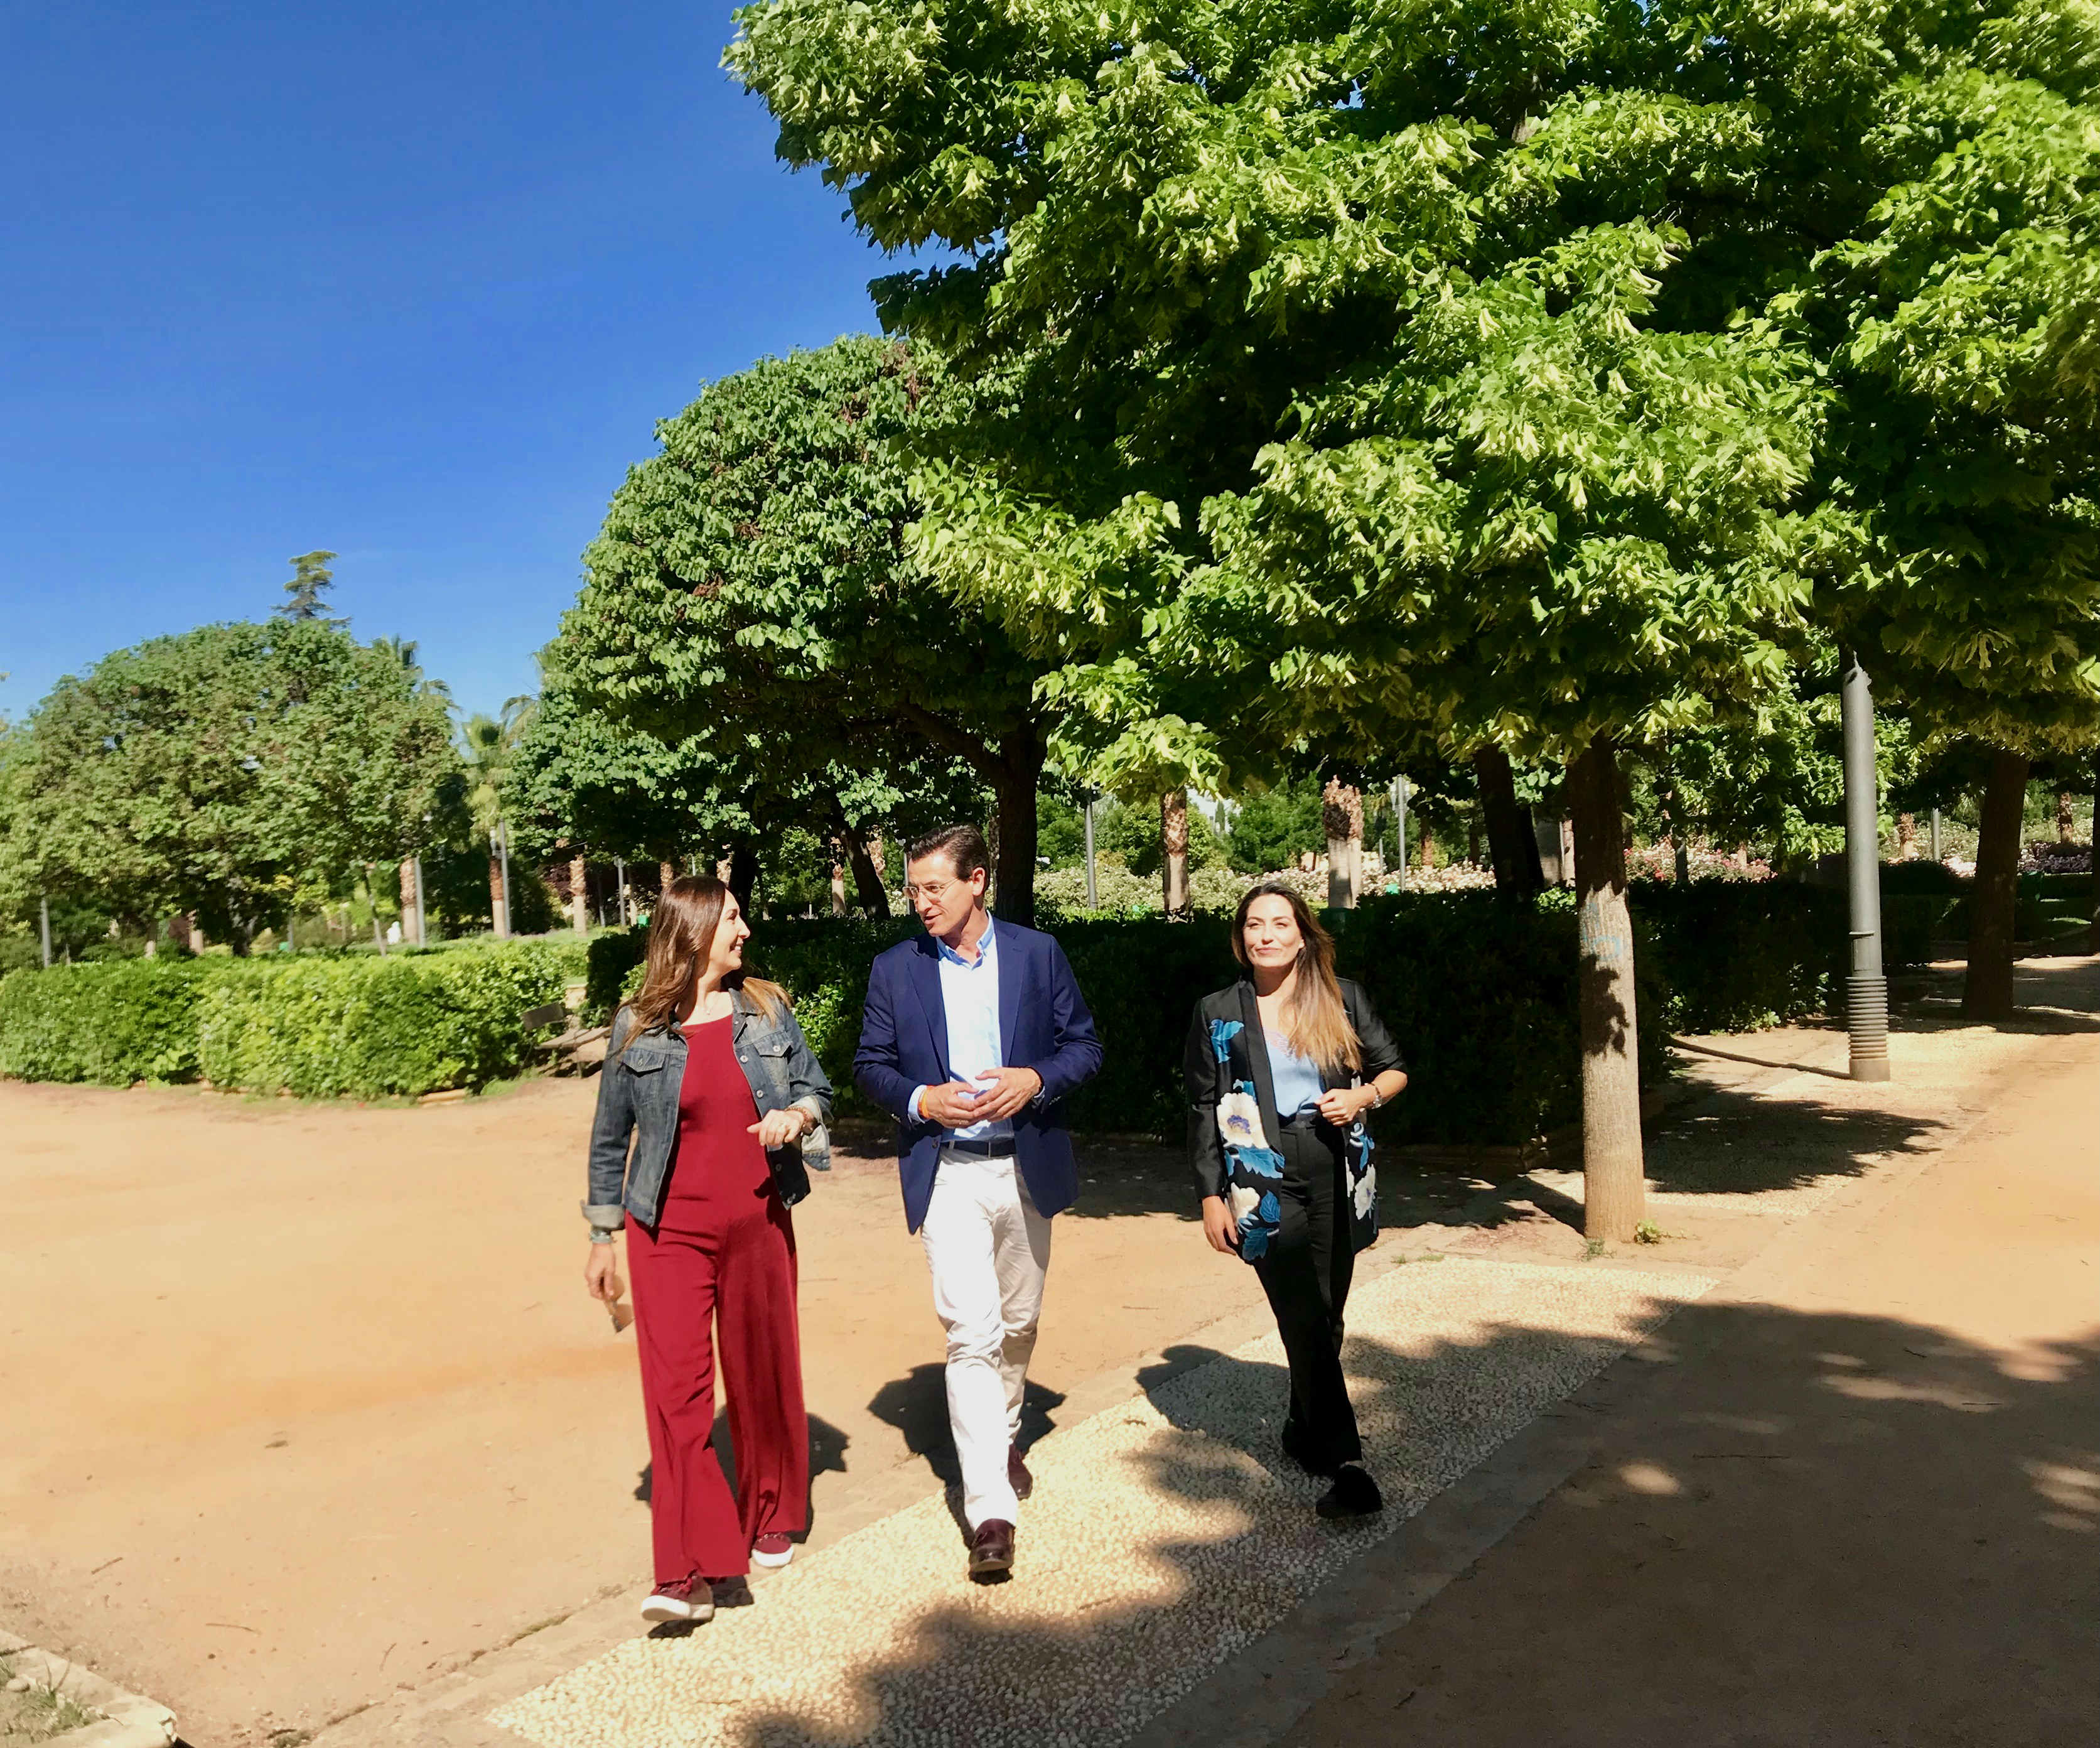 #26M:Luis Salvador pide adoptar medidas para combatir la contaminación y convertir a Granada en Ciudad Verde Europea